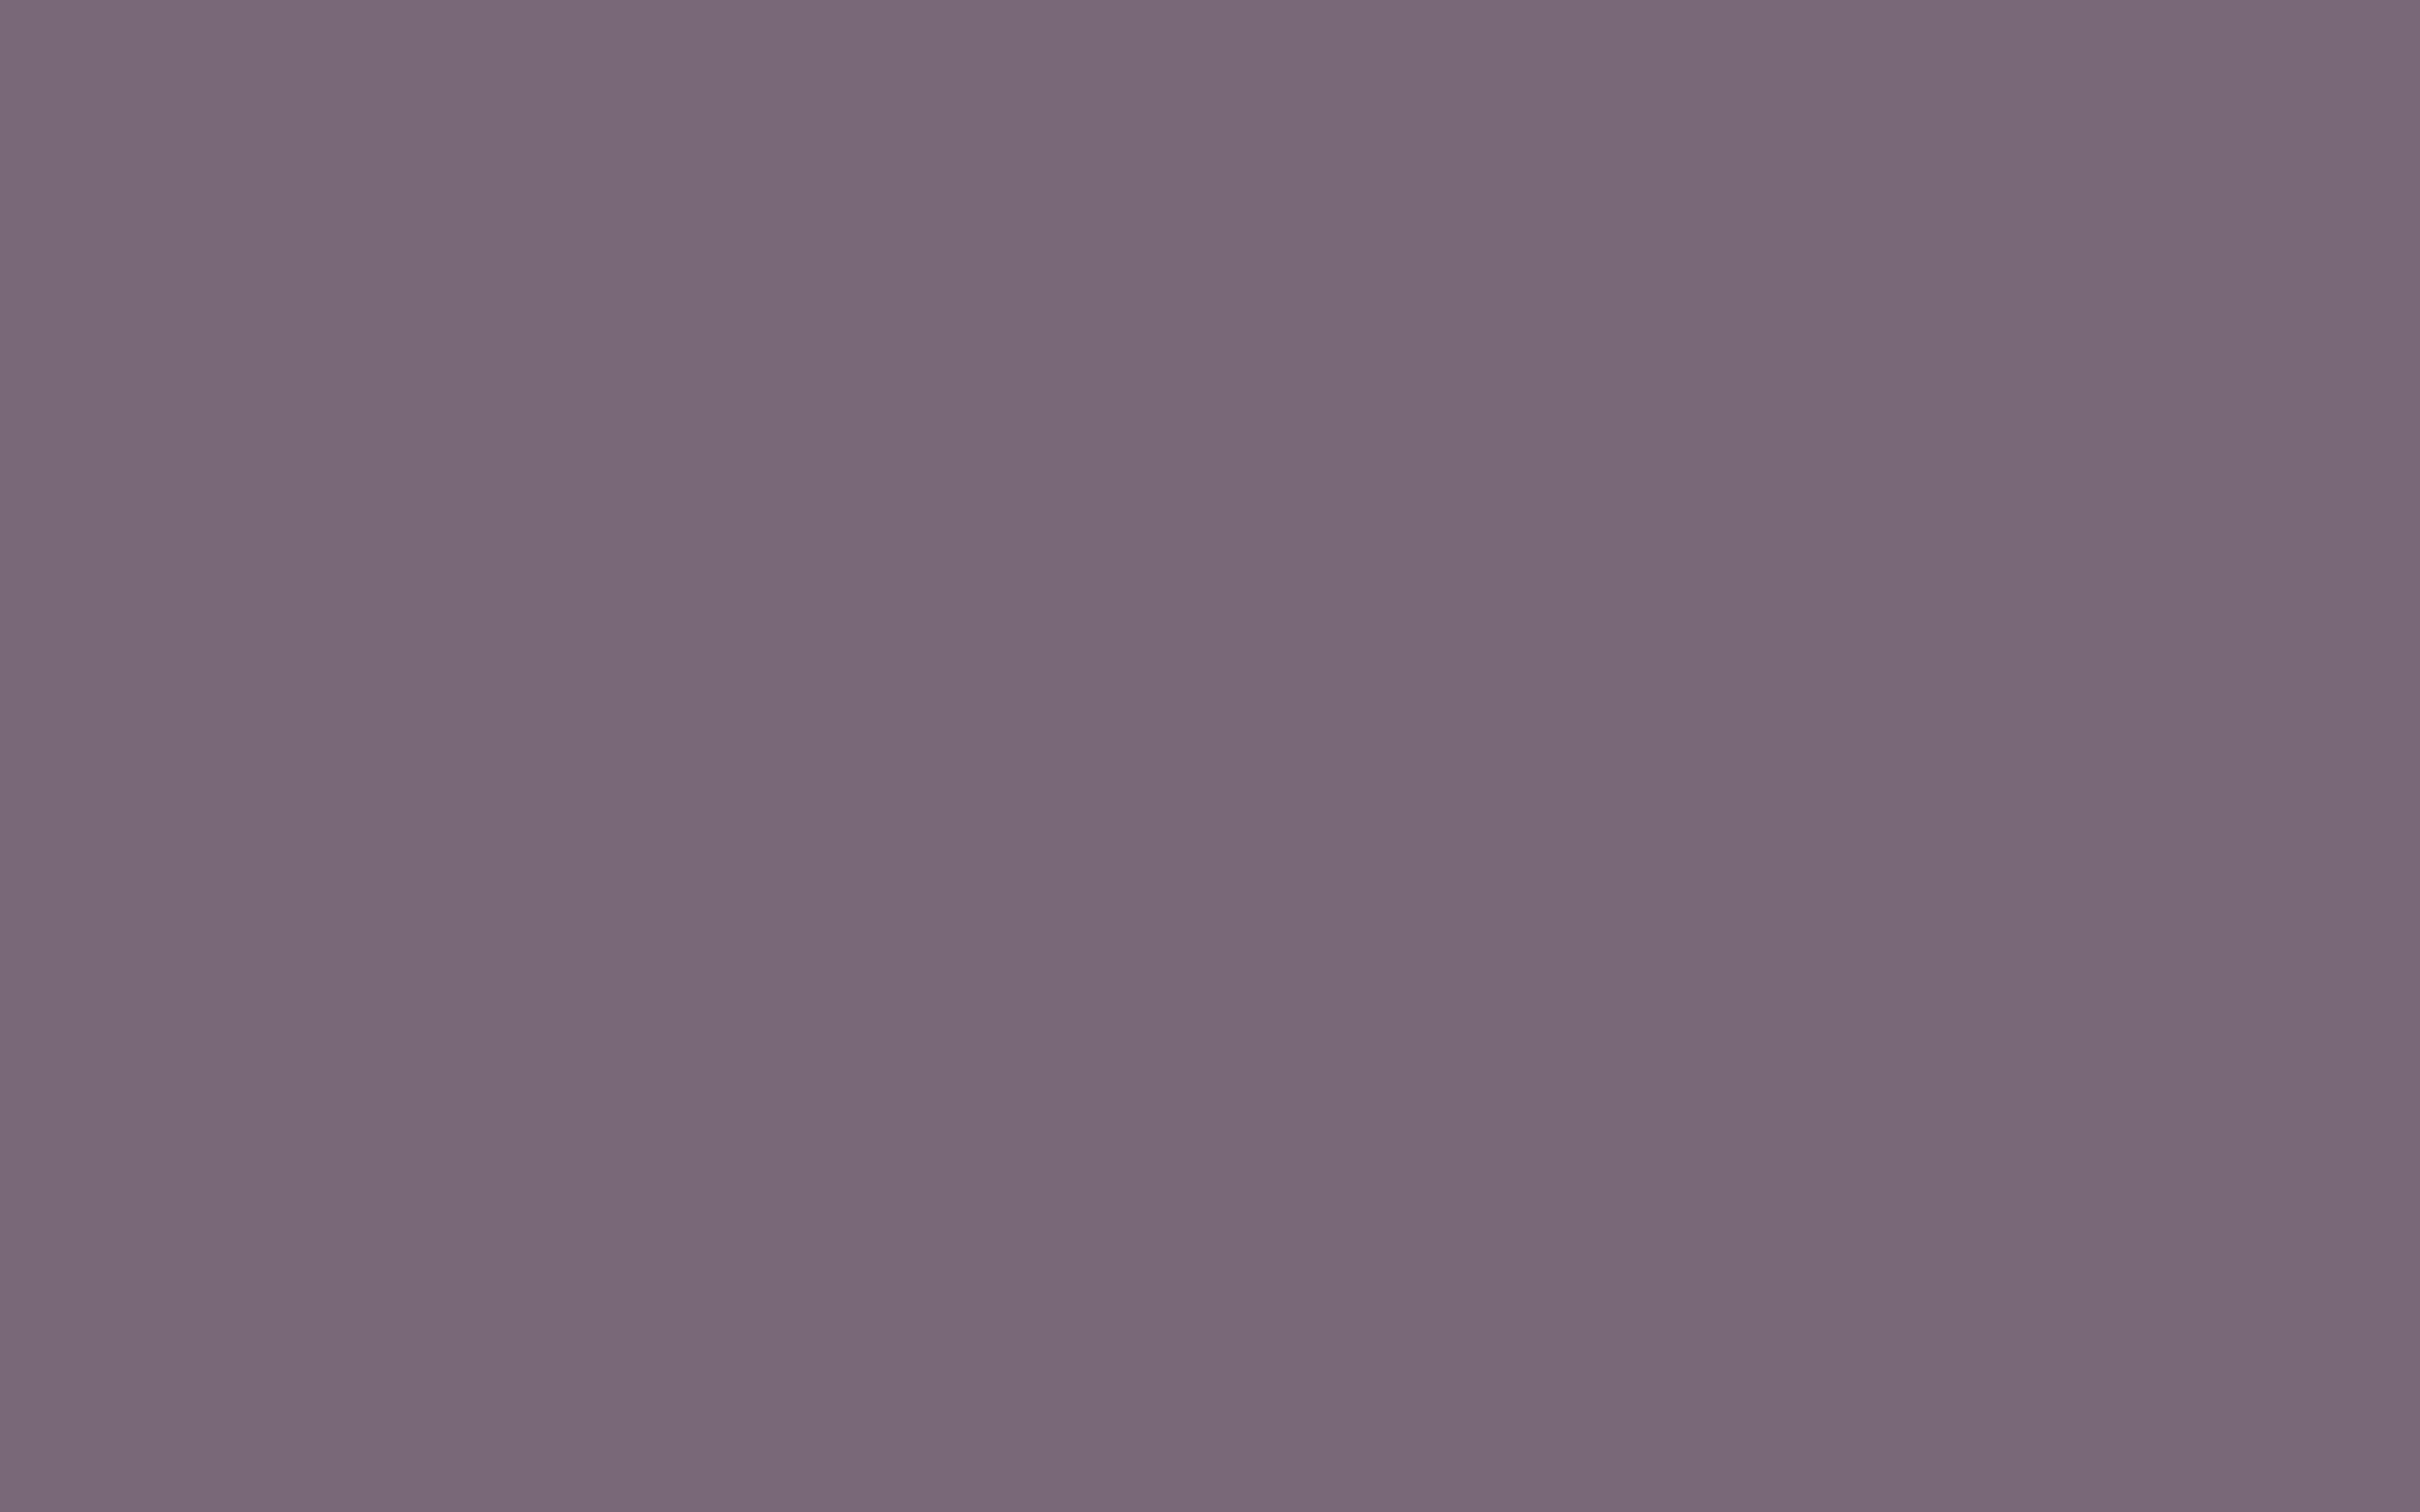 2560x1600 Old Lavender Solid Color Background